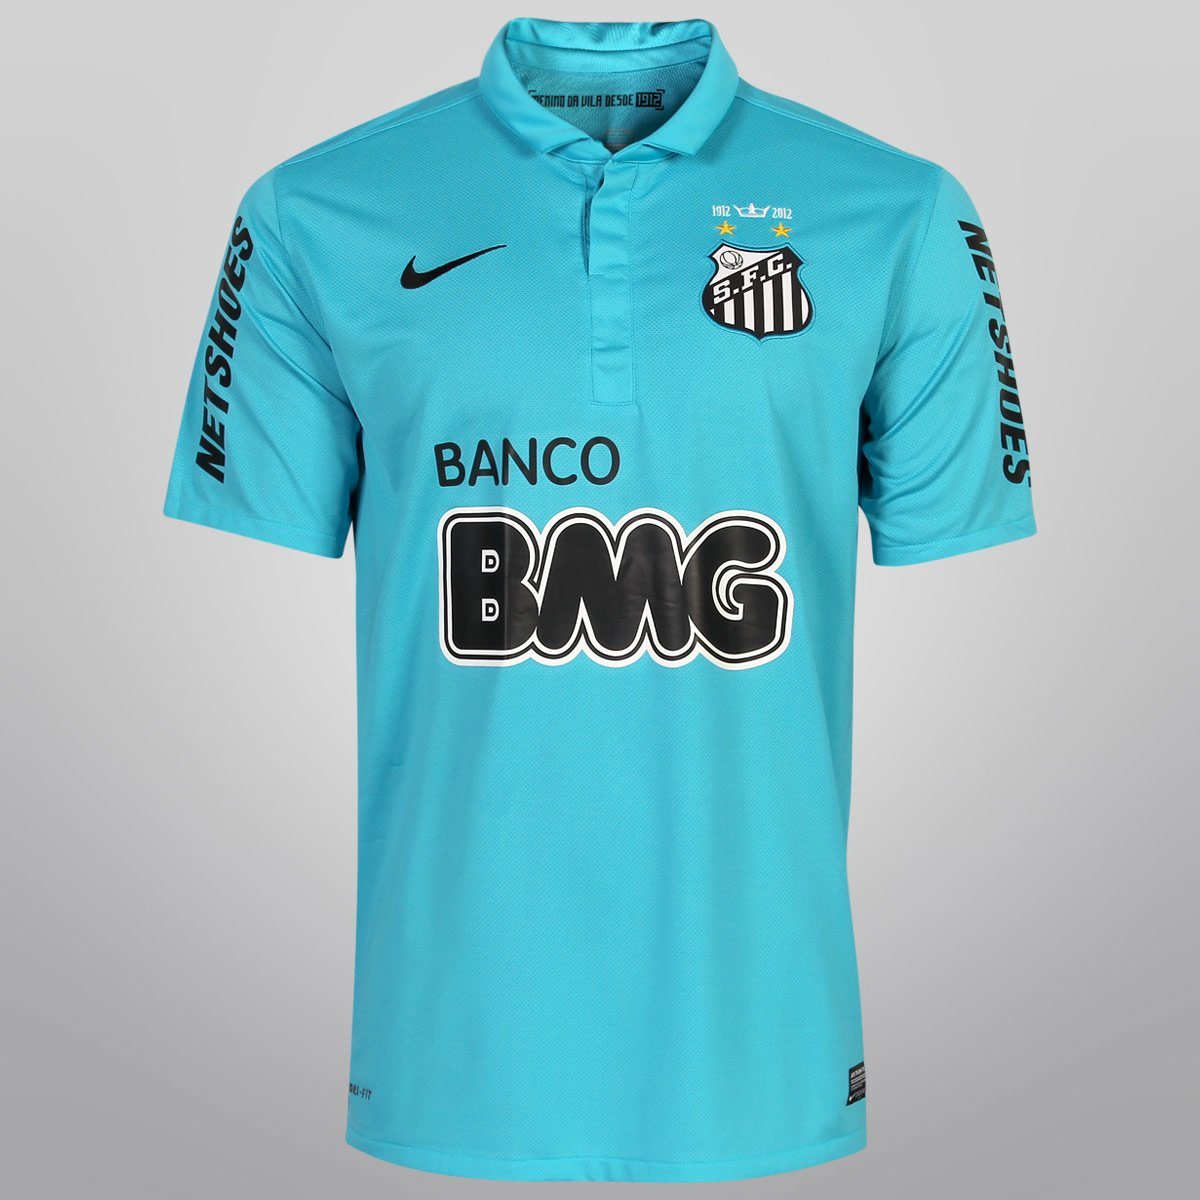 Camisa Nike Santos III 12 13 s nº - Centenário - Compre Agora  8db2accf919e4